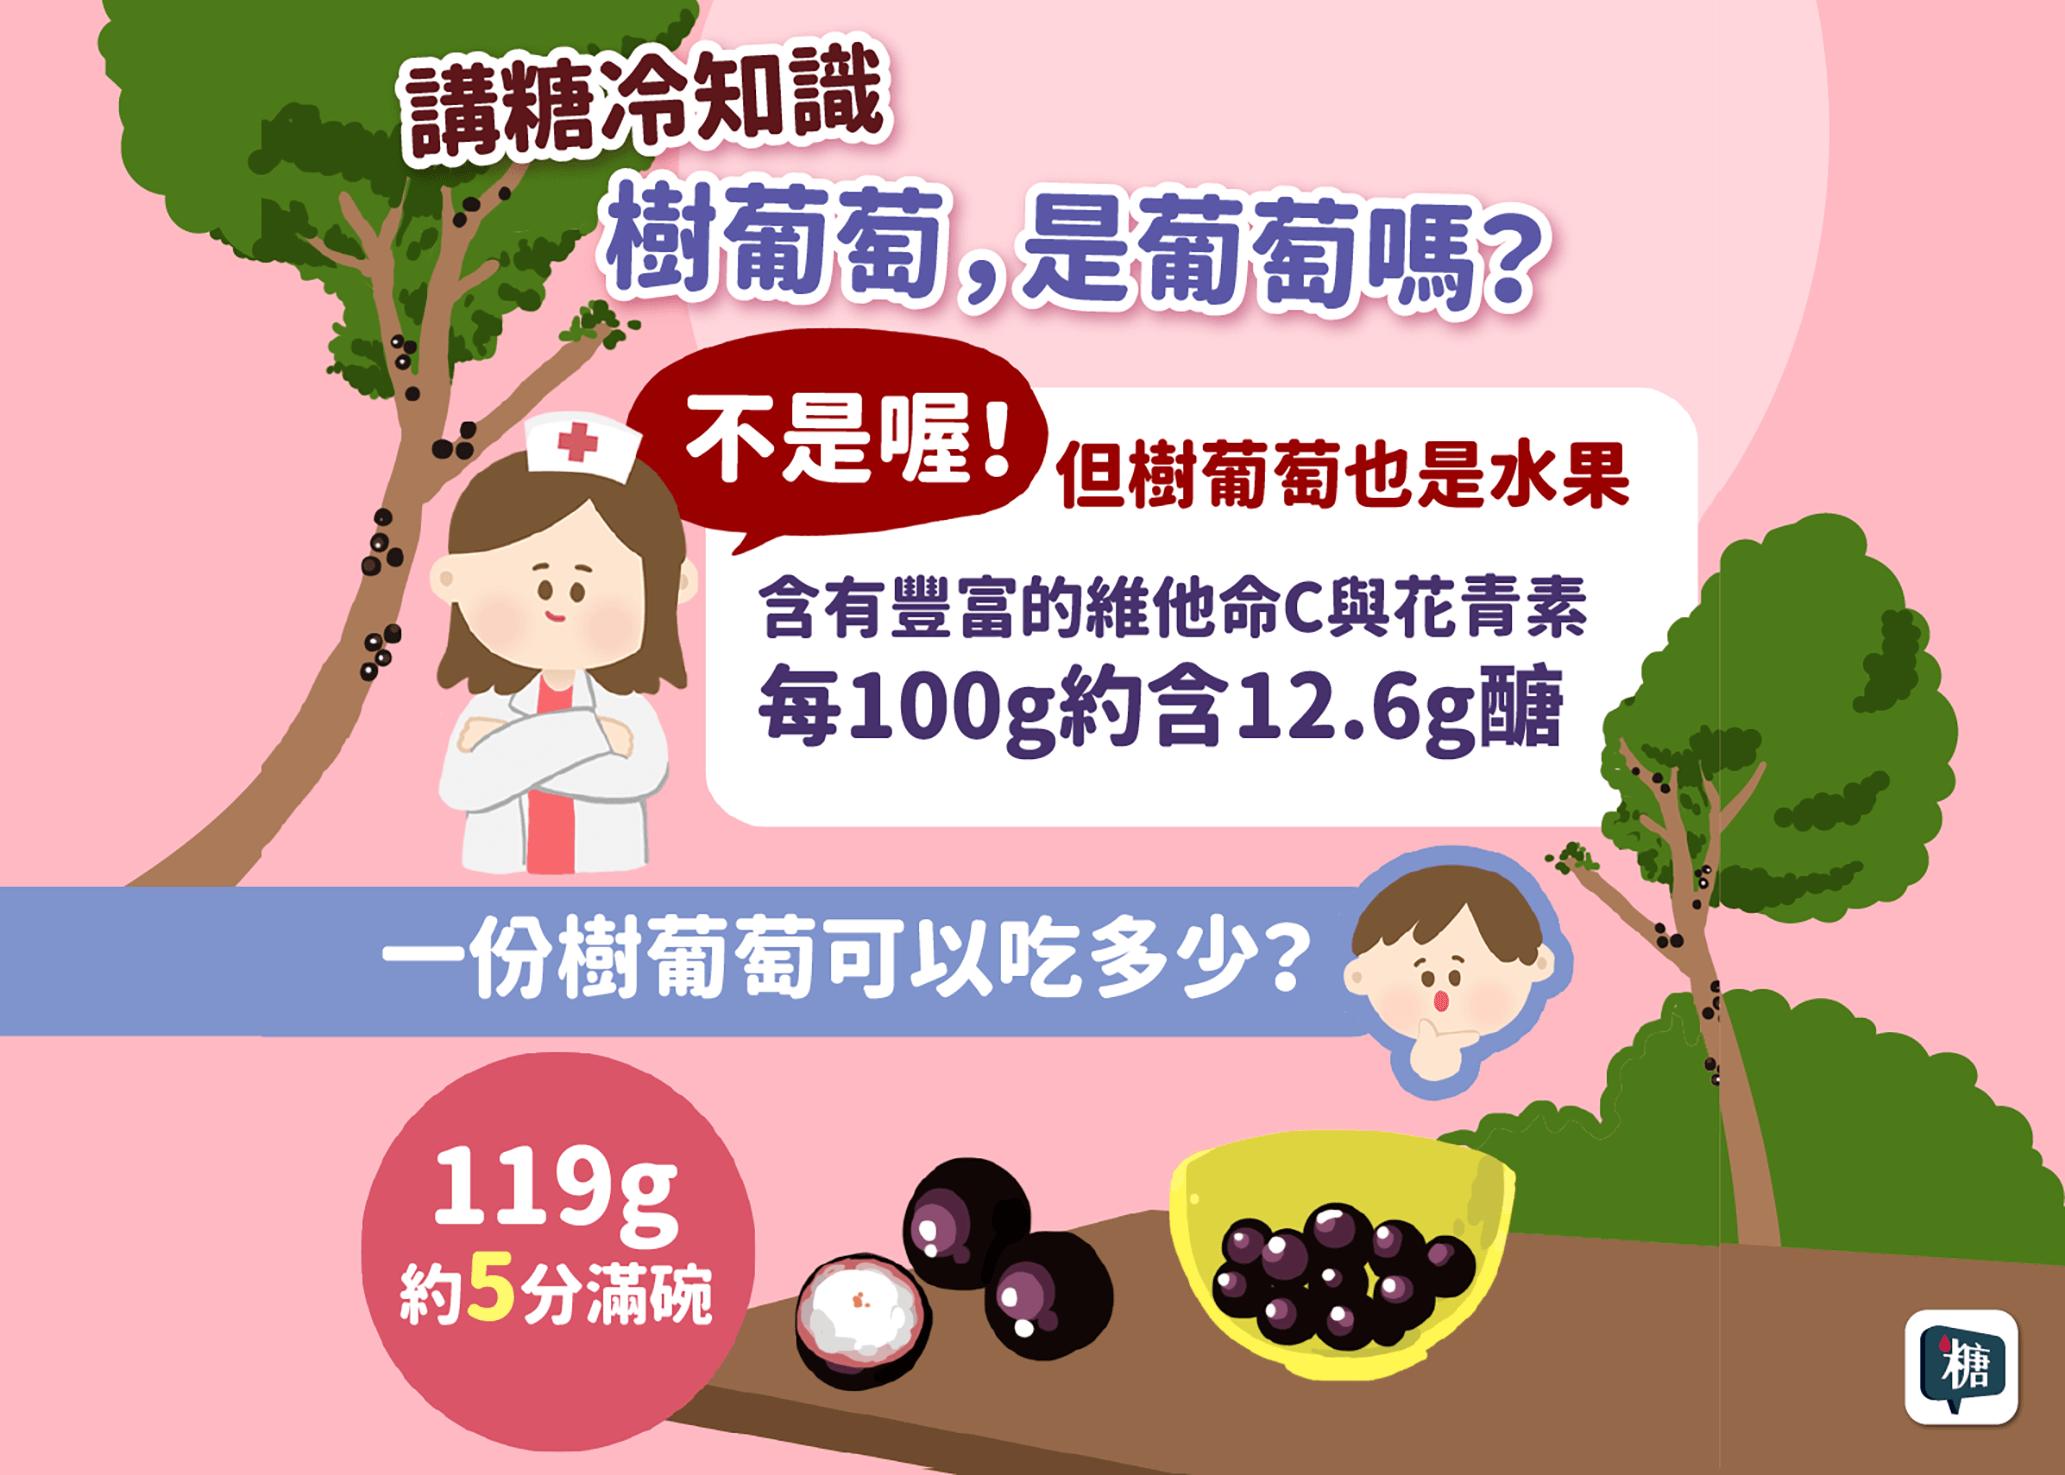 葡萄乾體積小一次一把剛剛好?一份醣的葡萄大概可以吃多少?